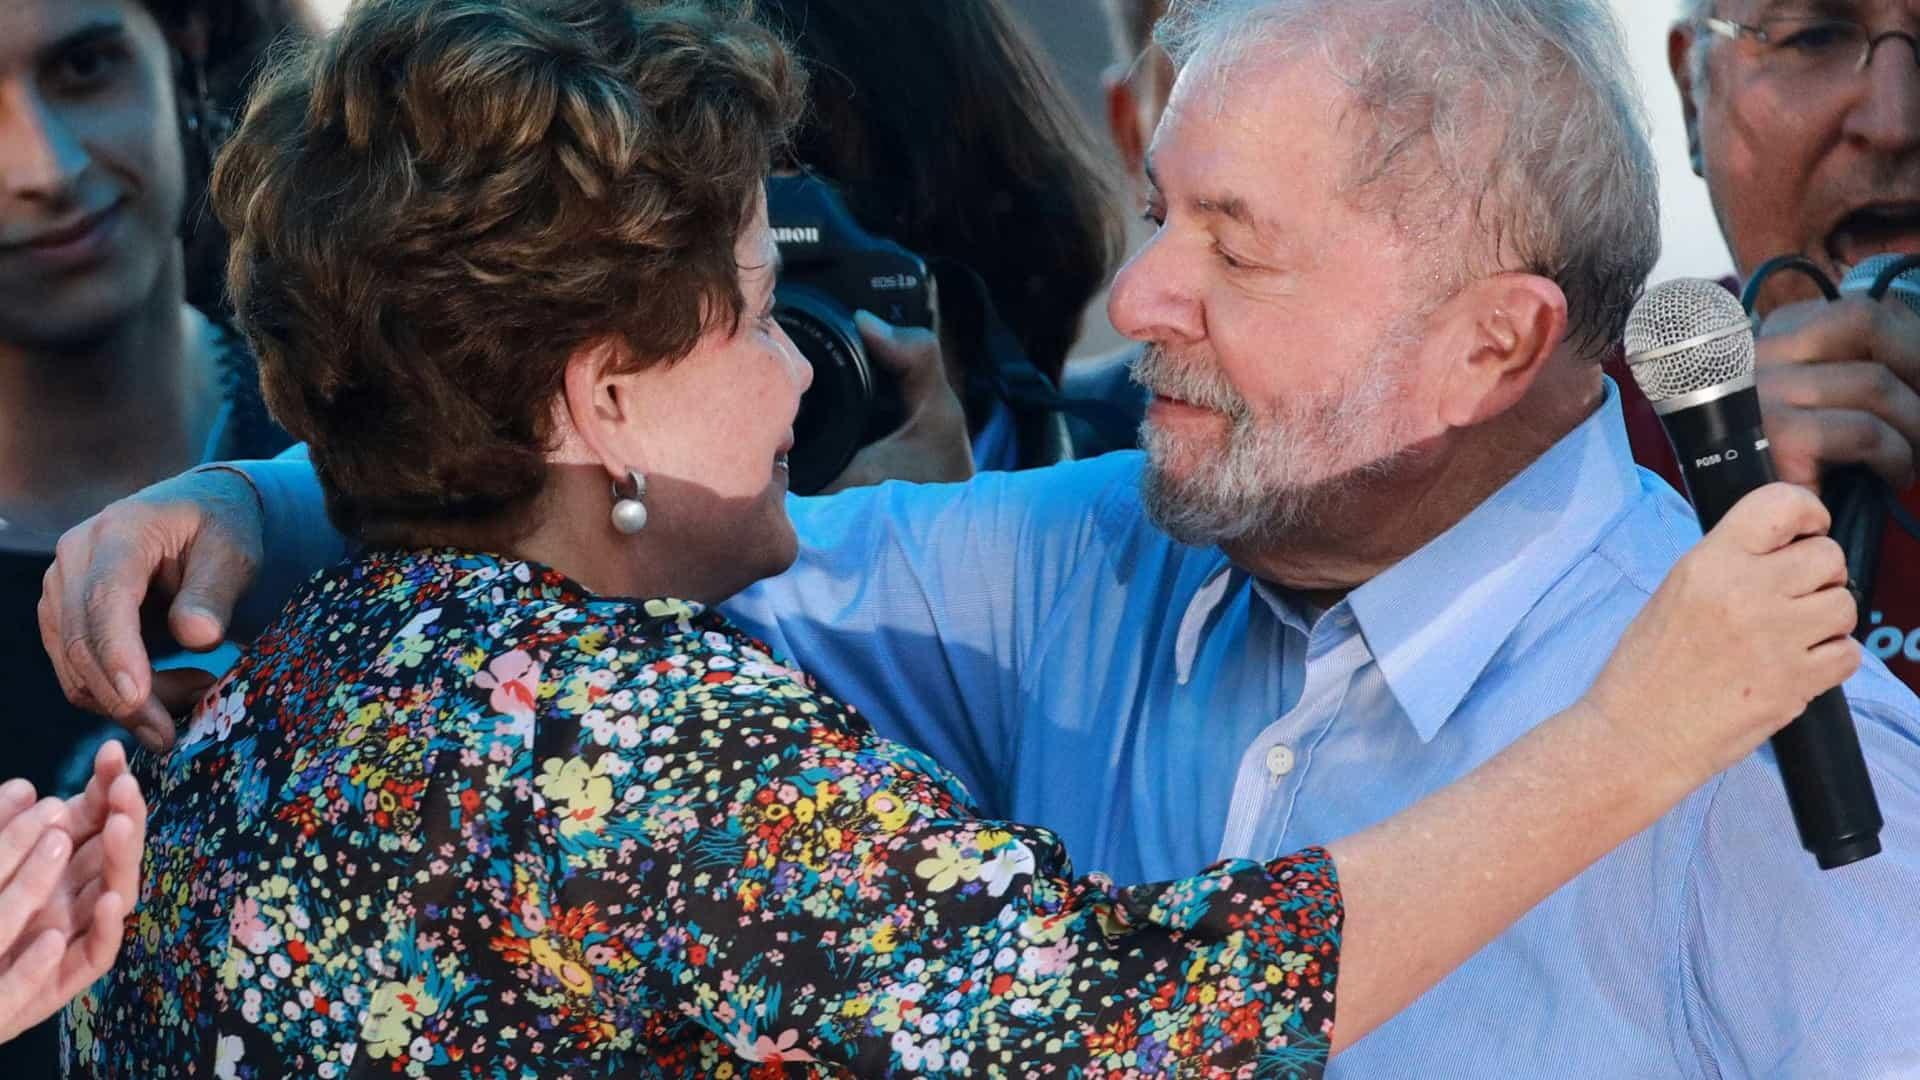 naom 5a68fac11d6ad - Há 10 anos, Lula se despedia e exaltava competência de Dilma